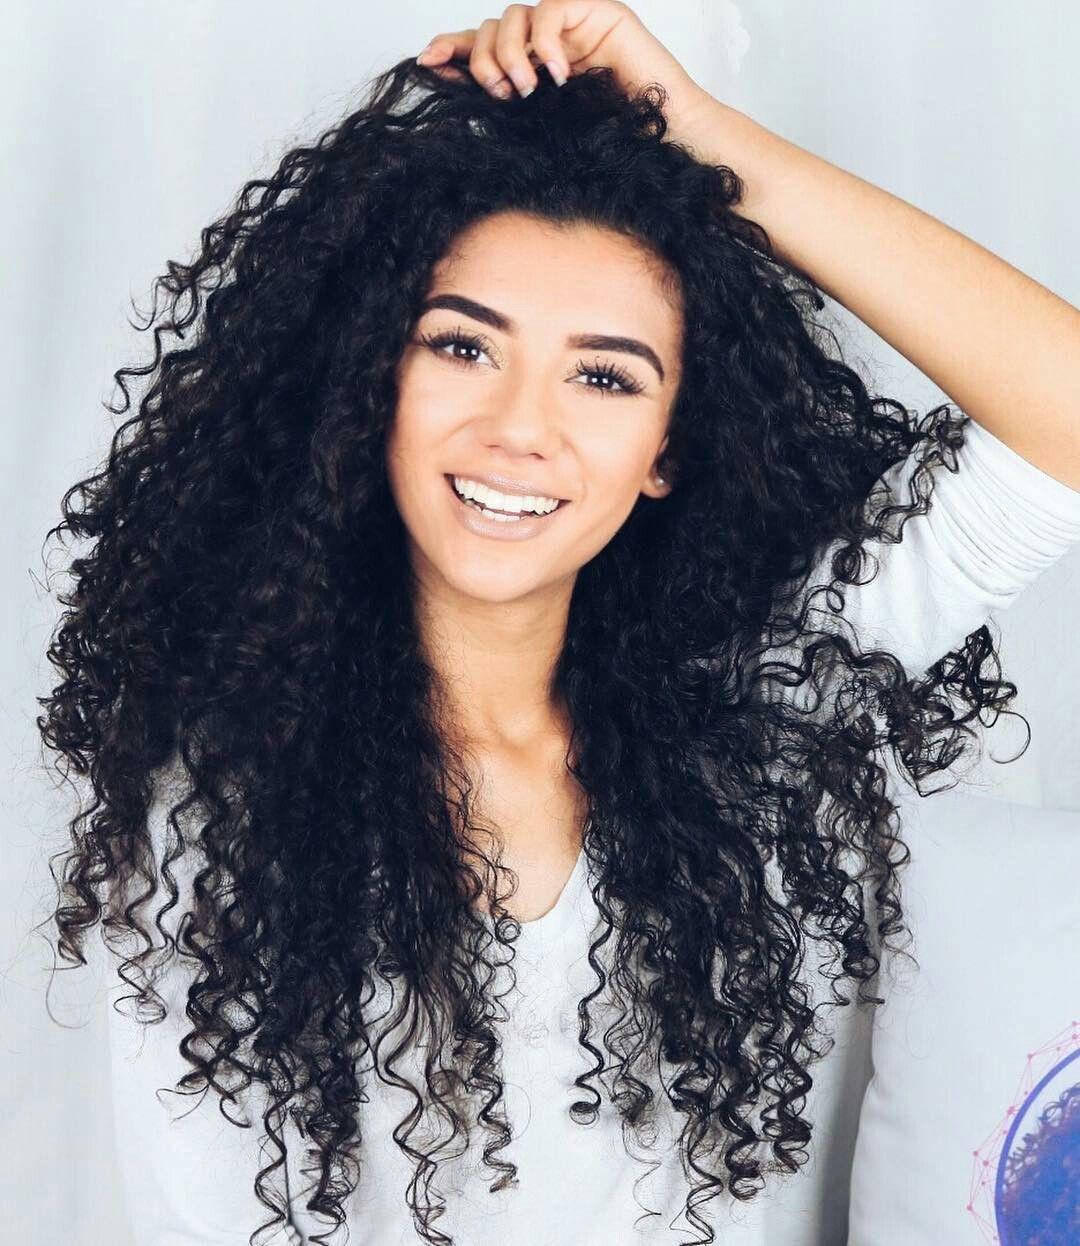 Jcnot4u Http Blanketcoveredlover Tumblr Com Post 157380758218 Summer Hairstyles For Women 2017 Short Curly Hair Inspiration Hair Styles Curly Hair Styles